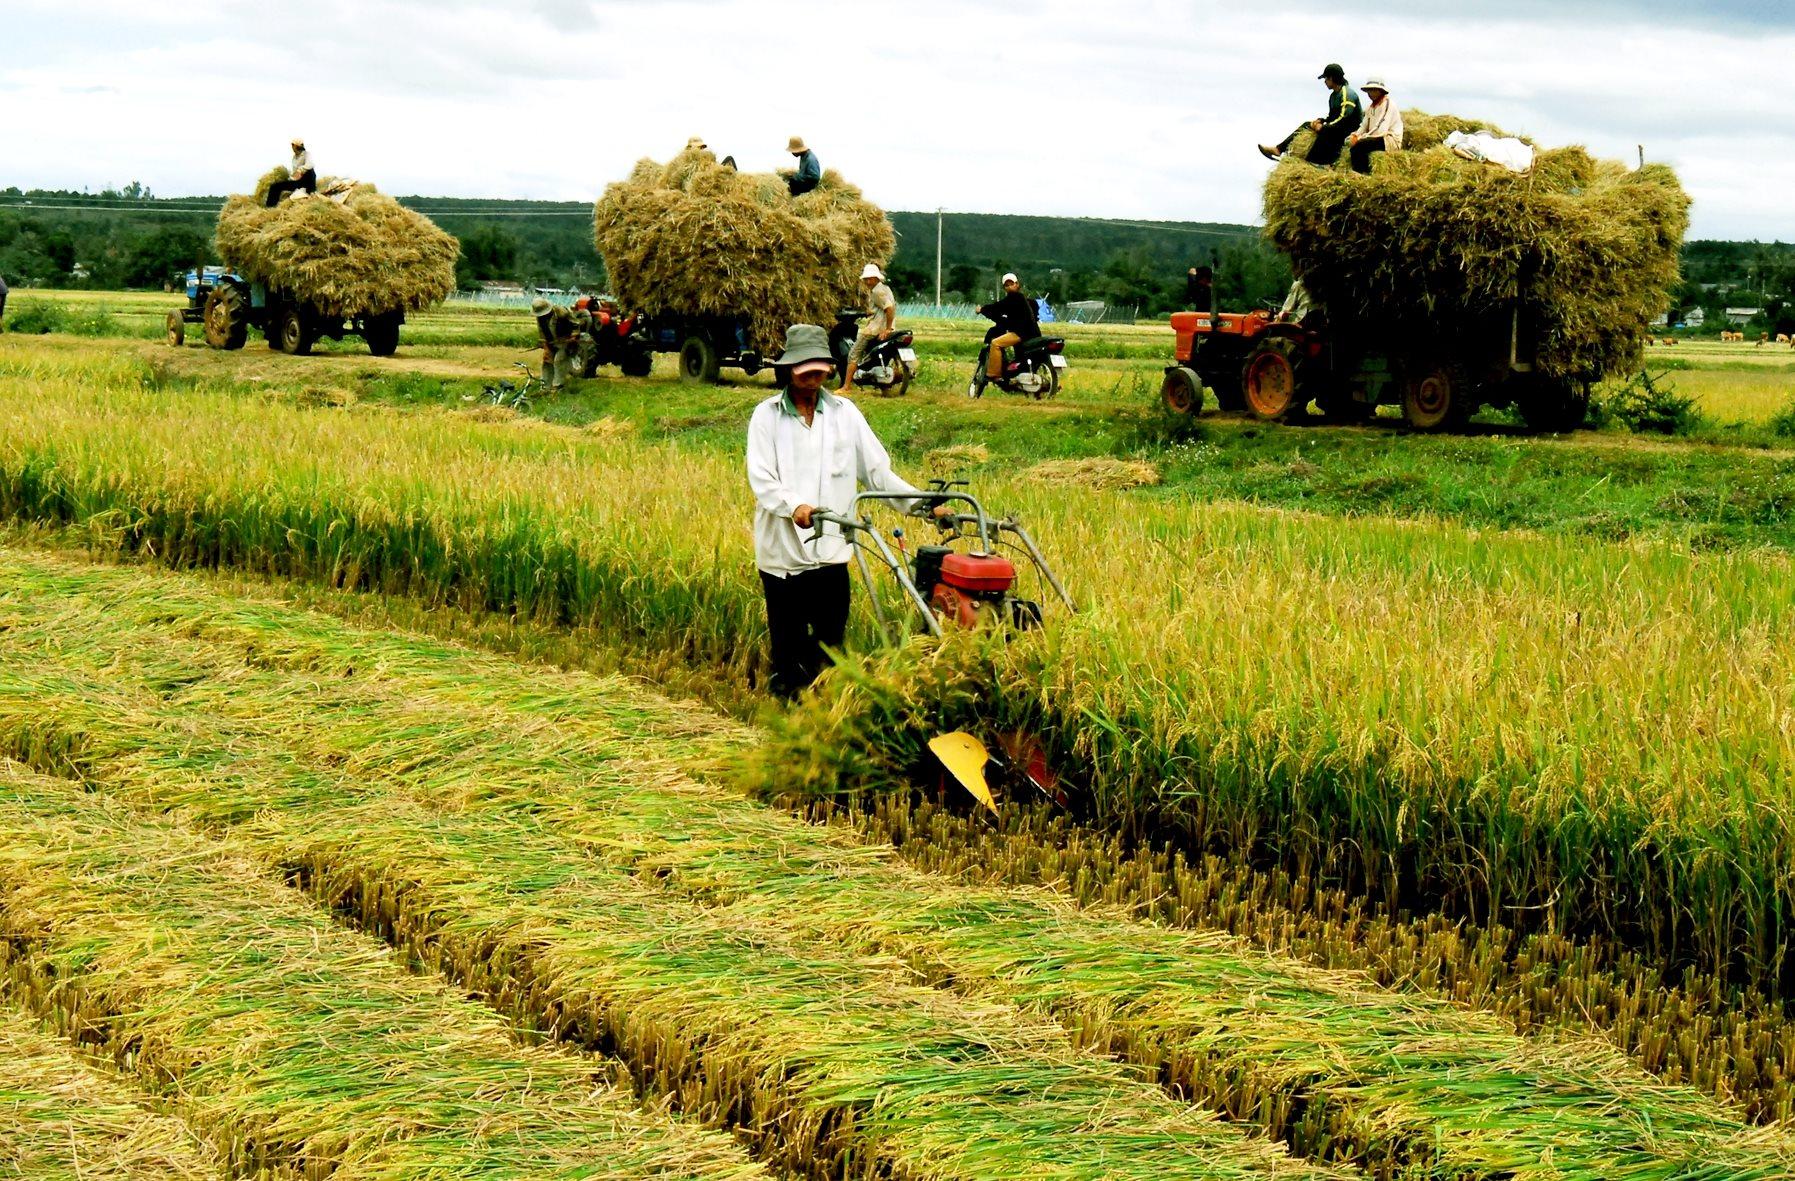 Tiến hành thu thập thông tin hoạt động của 1,4 triệu hộ nông dân trên cả nước